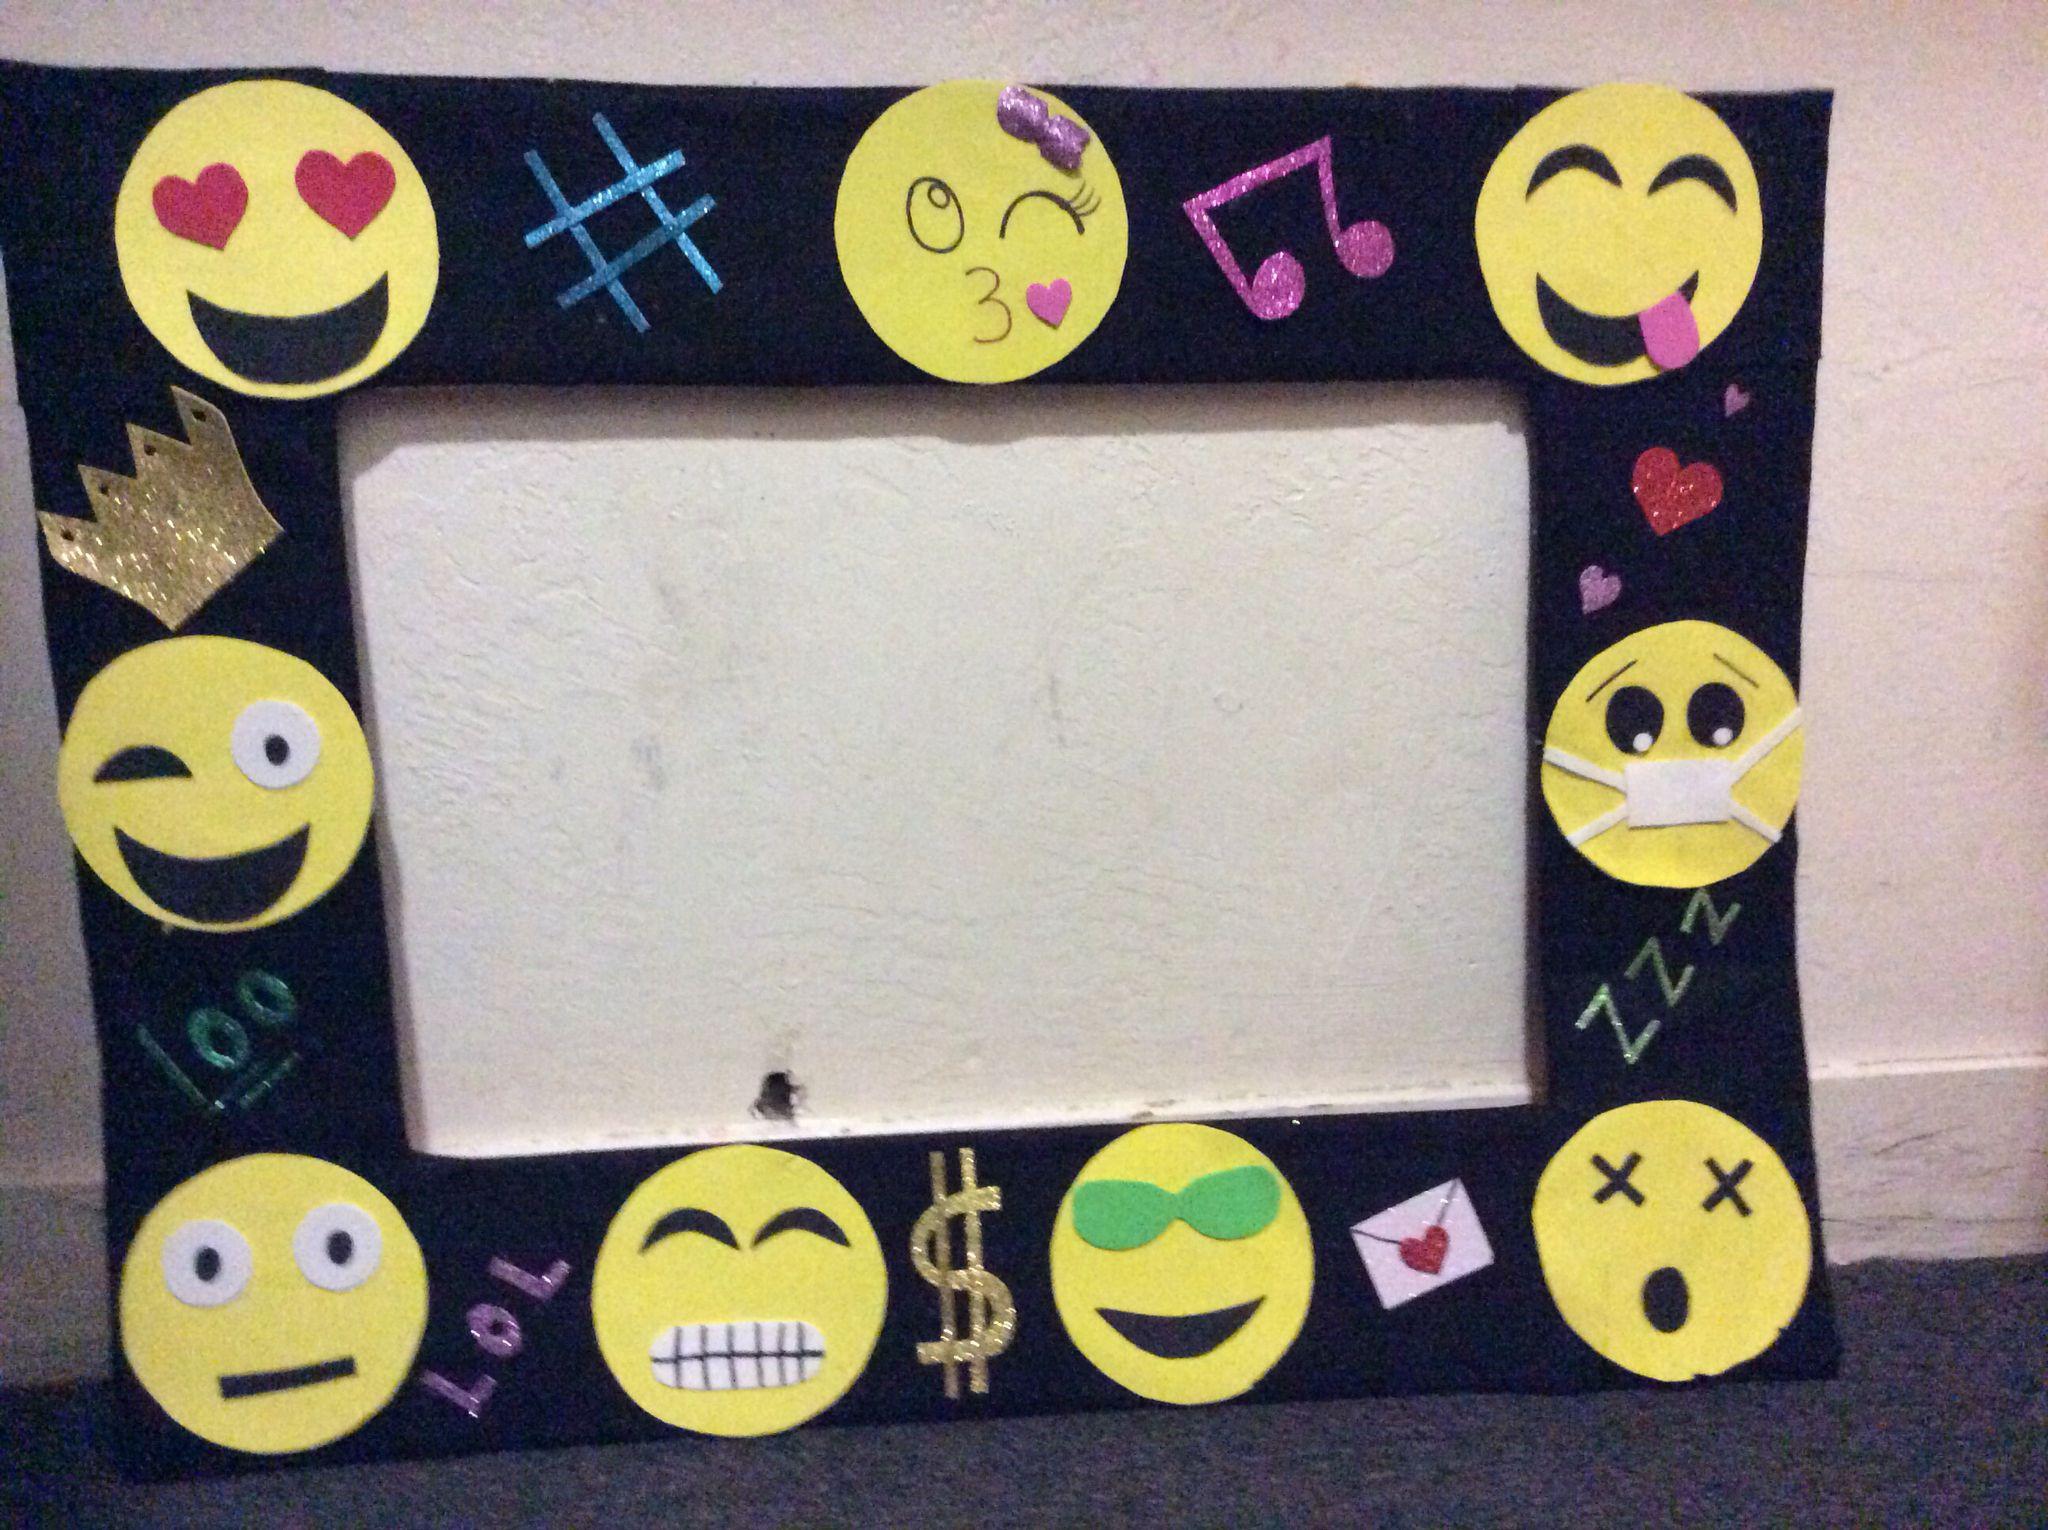 Emoji frame For emoji birthday partyDIY kami Pinterest